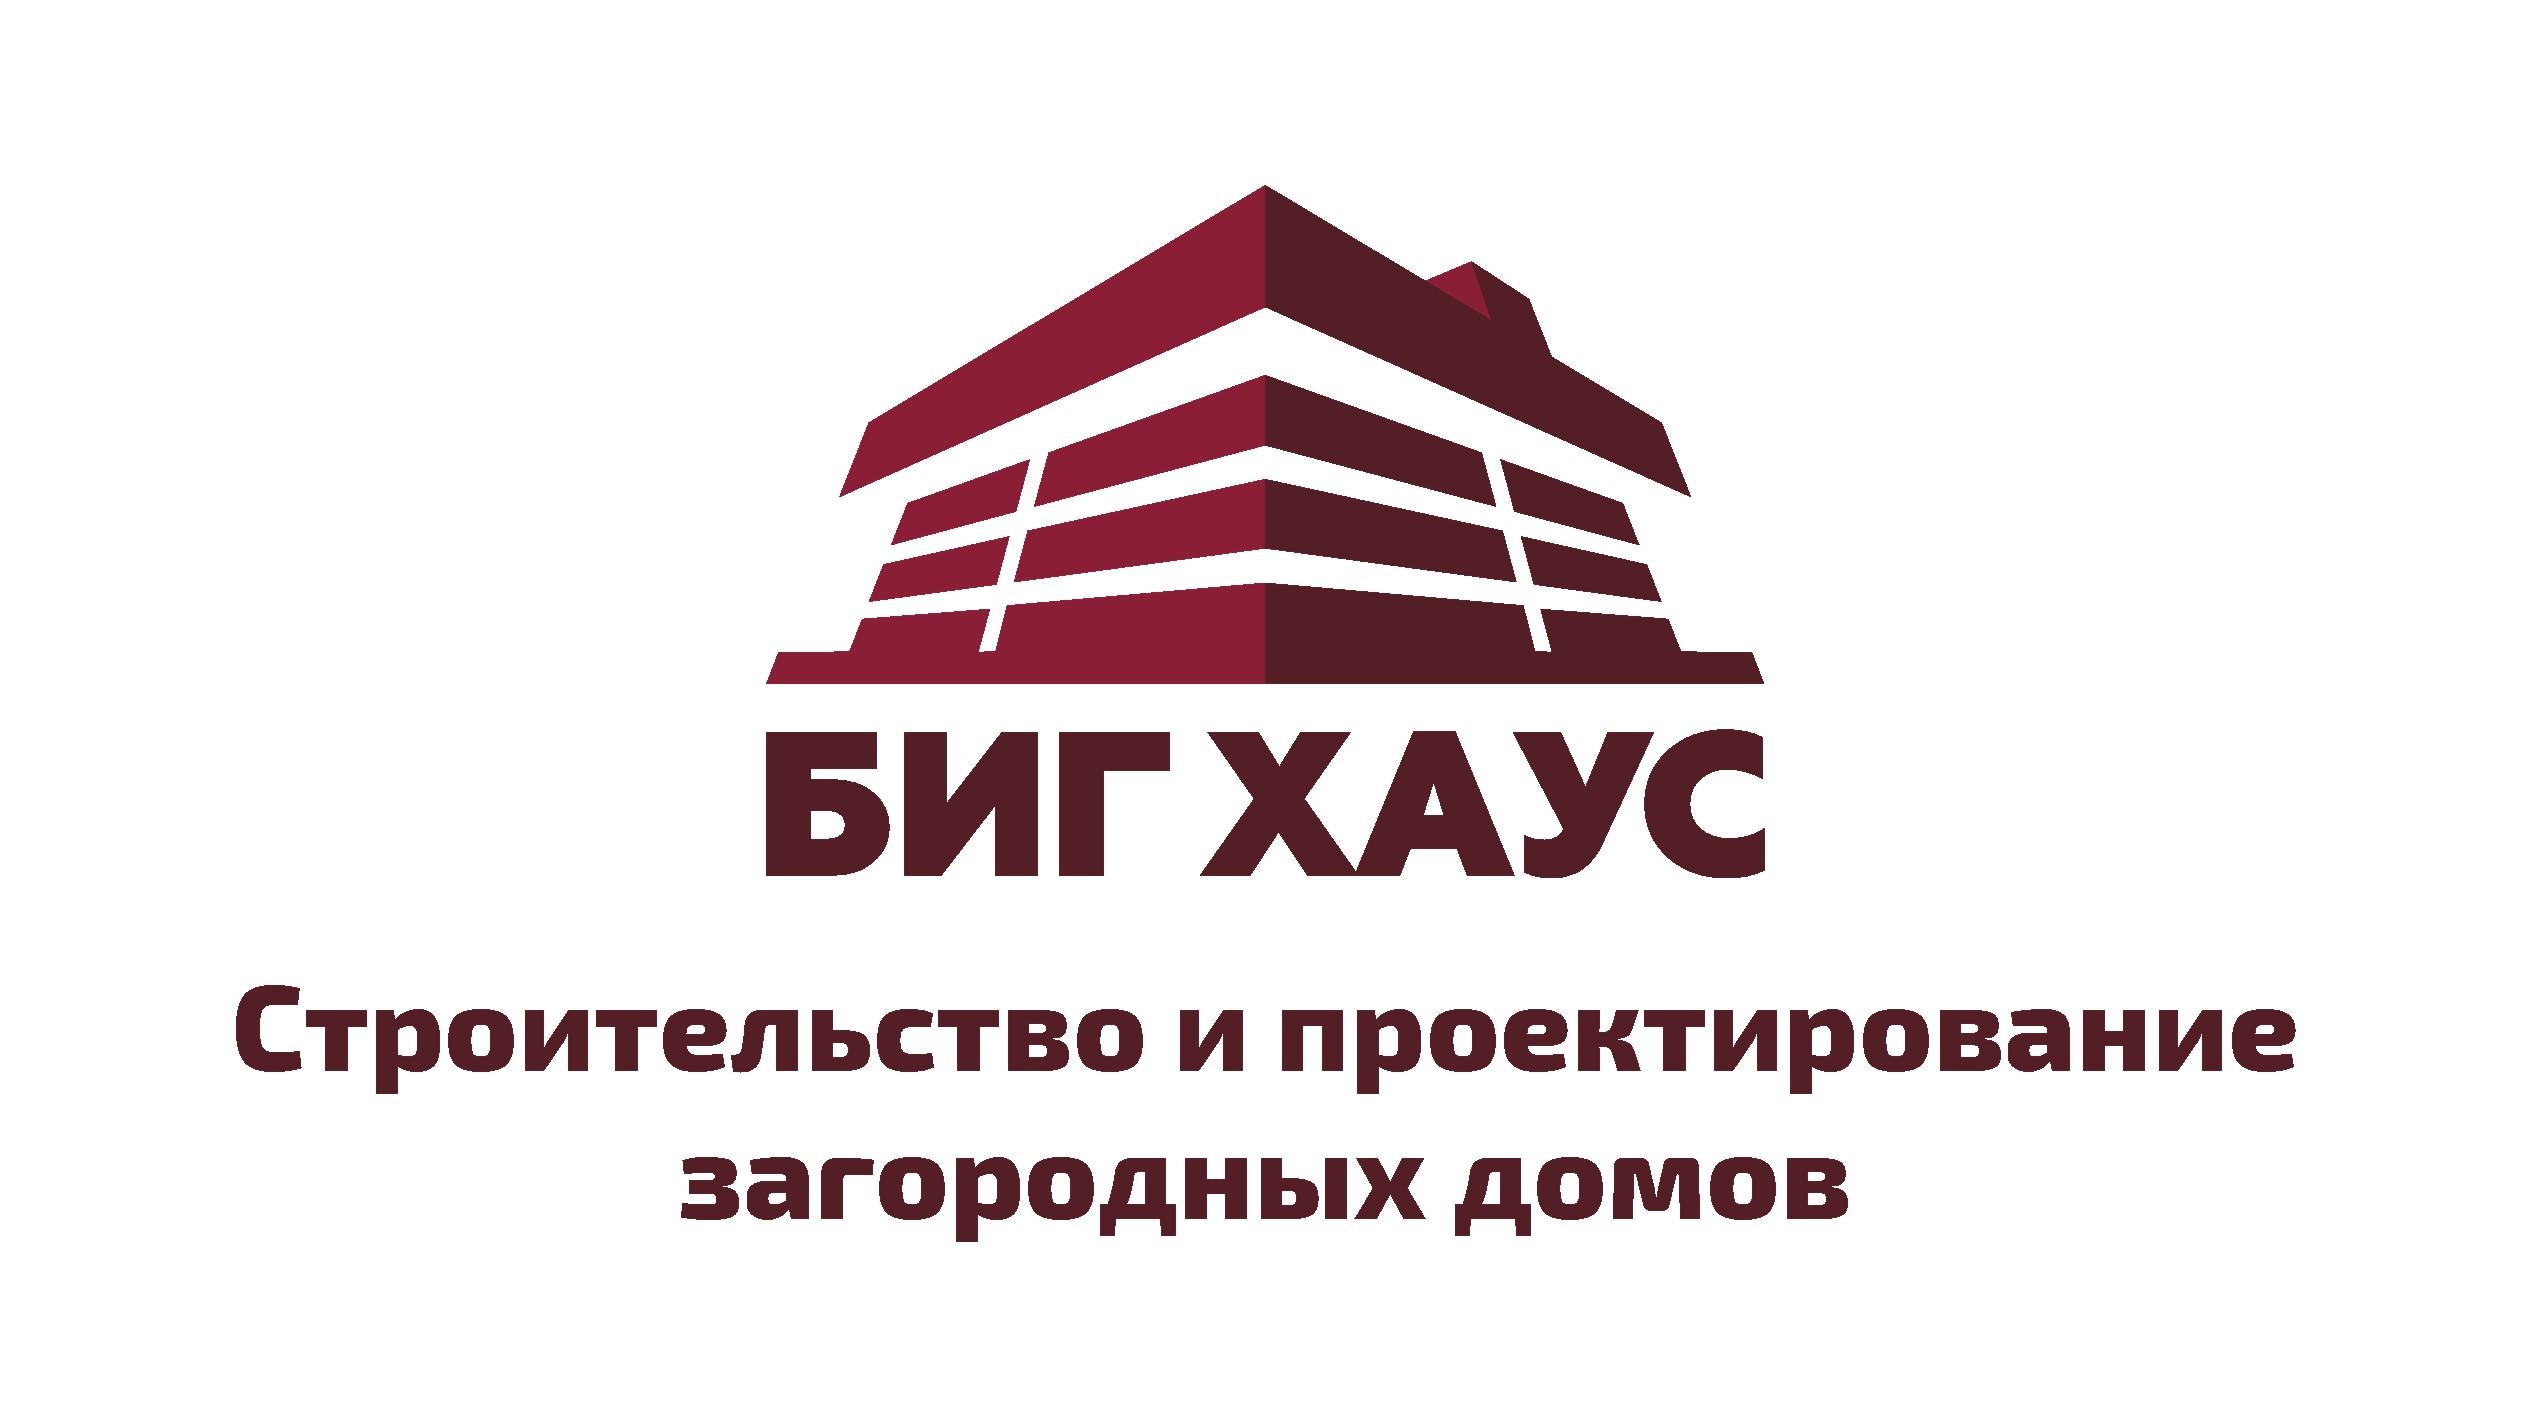 логотип Бигхаус